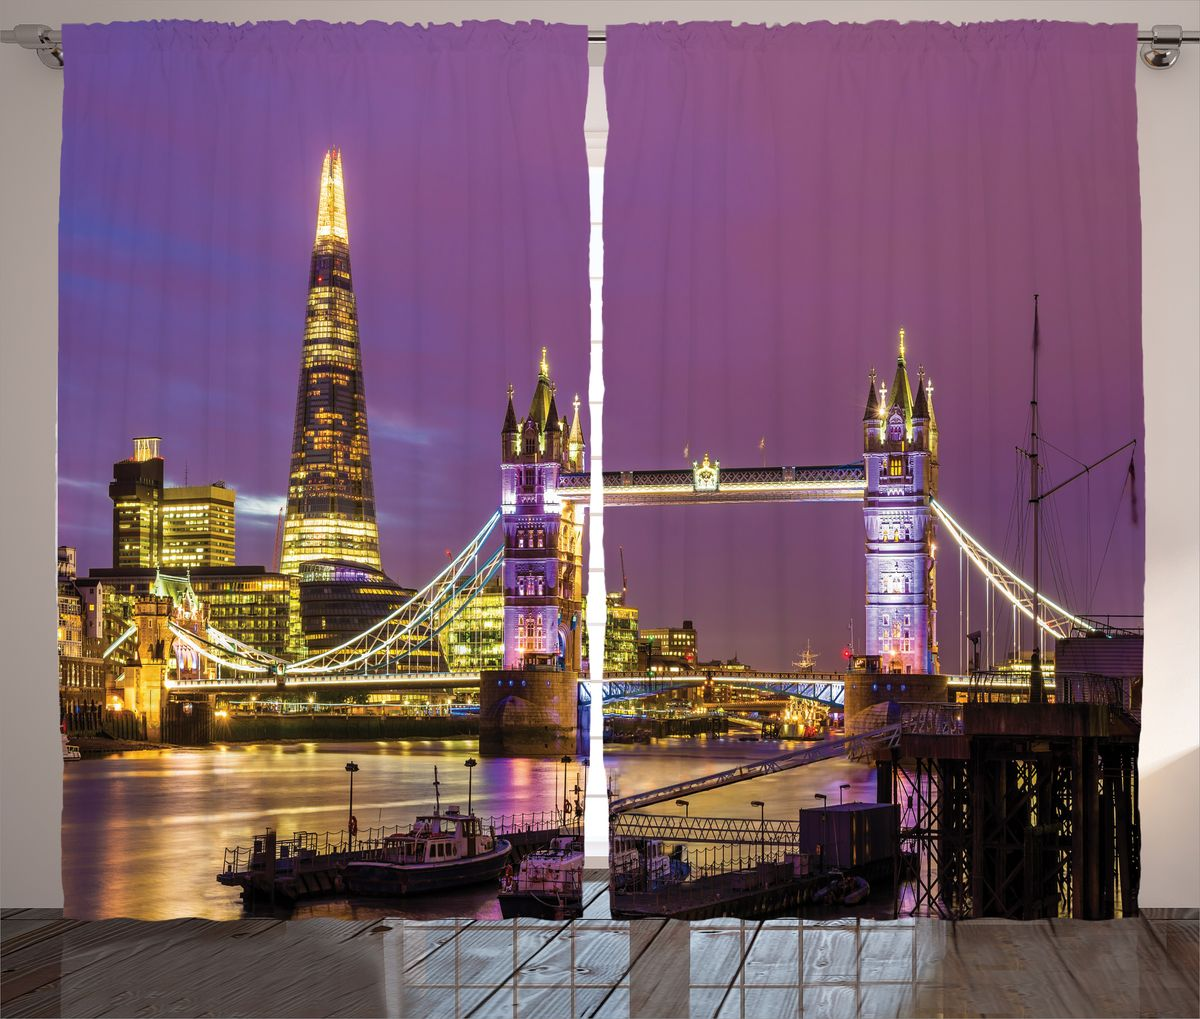 Комплект фотоштор Magic Lady Фиолетовый закат над Лондоном, на ленте, высота 265 см. шсг_14658СД-05444-ФШ-ГБ-001Компания Сэмболь изготавливает шторы из высококачественного сатена (полиэстер 100%). При изготовлении используются специальные гипоаллергенные чернила для прямой печати по ткани, безопасные для человека и животных. Экологичность продукции Magic lady и безопасность для окружающей среды подтверждены сертификатом Oeko-Tex Standard 100. Крепление: крючки для крепления на шторной ленте (50 шт). Возможно крепление на трубу. Внимание! При нанесении сублимационной печати на ткань технологическим методом при температуре 240°С, возможно отклонение полученных размеров (указанных на этикетке и сайте) от стандартных на + - 3-5 см. Производитель старается максимально точно передать цвета изделия на фотографиях, однако искажения неизбежны и фактический цвет изделия может отличаться от воспринимаемого по фото. Обратите внимание! Шторы изготовлены из полиэстра сатенового переплетения, а не из сатина (хлопок). Размер одного полотна шторы: 145х265 см. В комплекте 2 полотна шторы и 50 крючков.